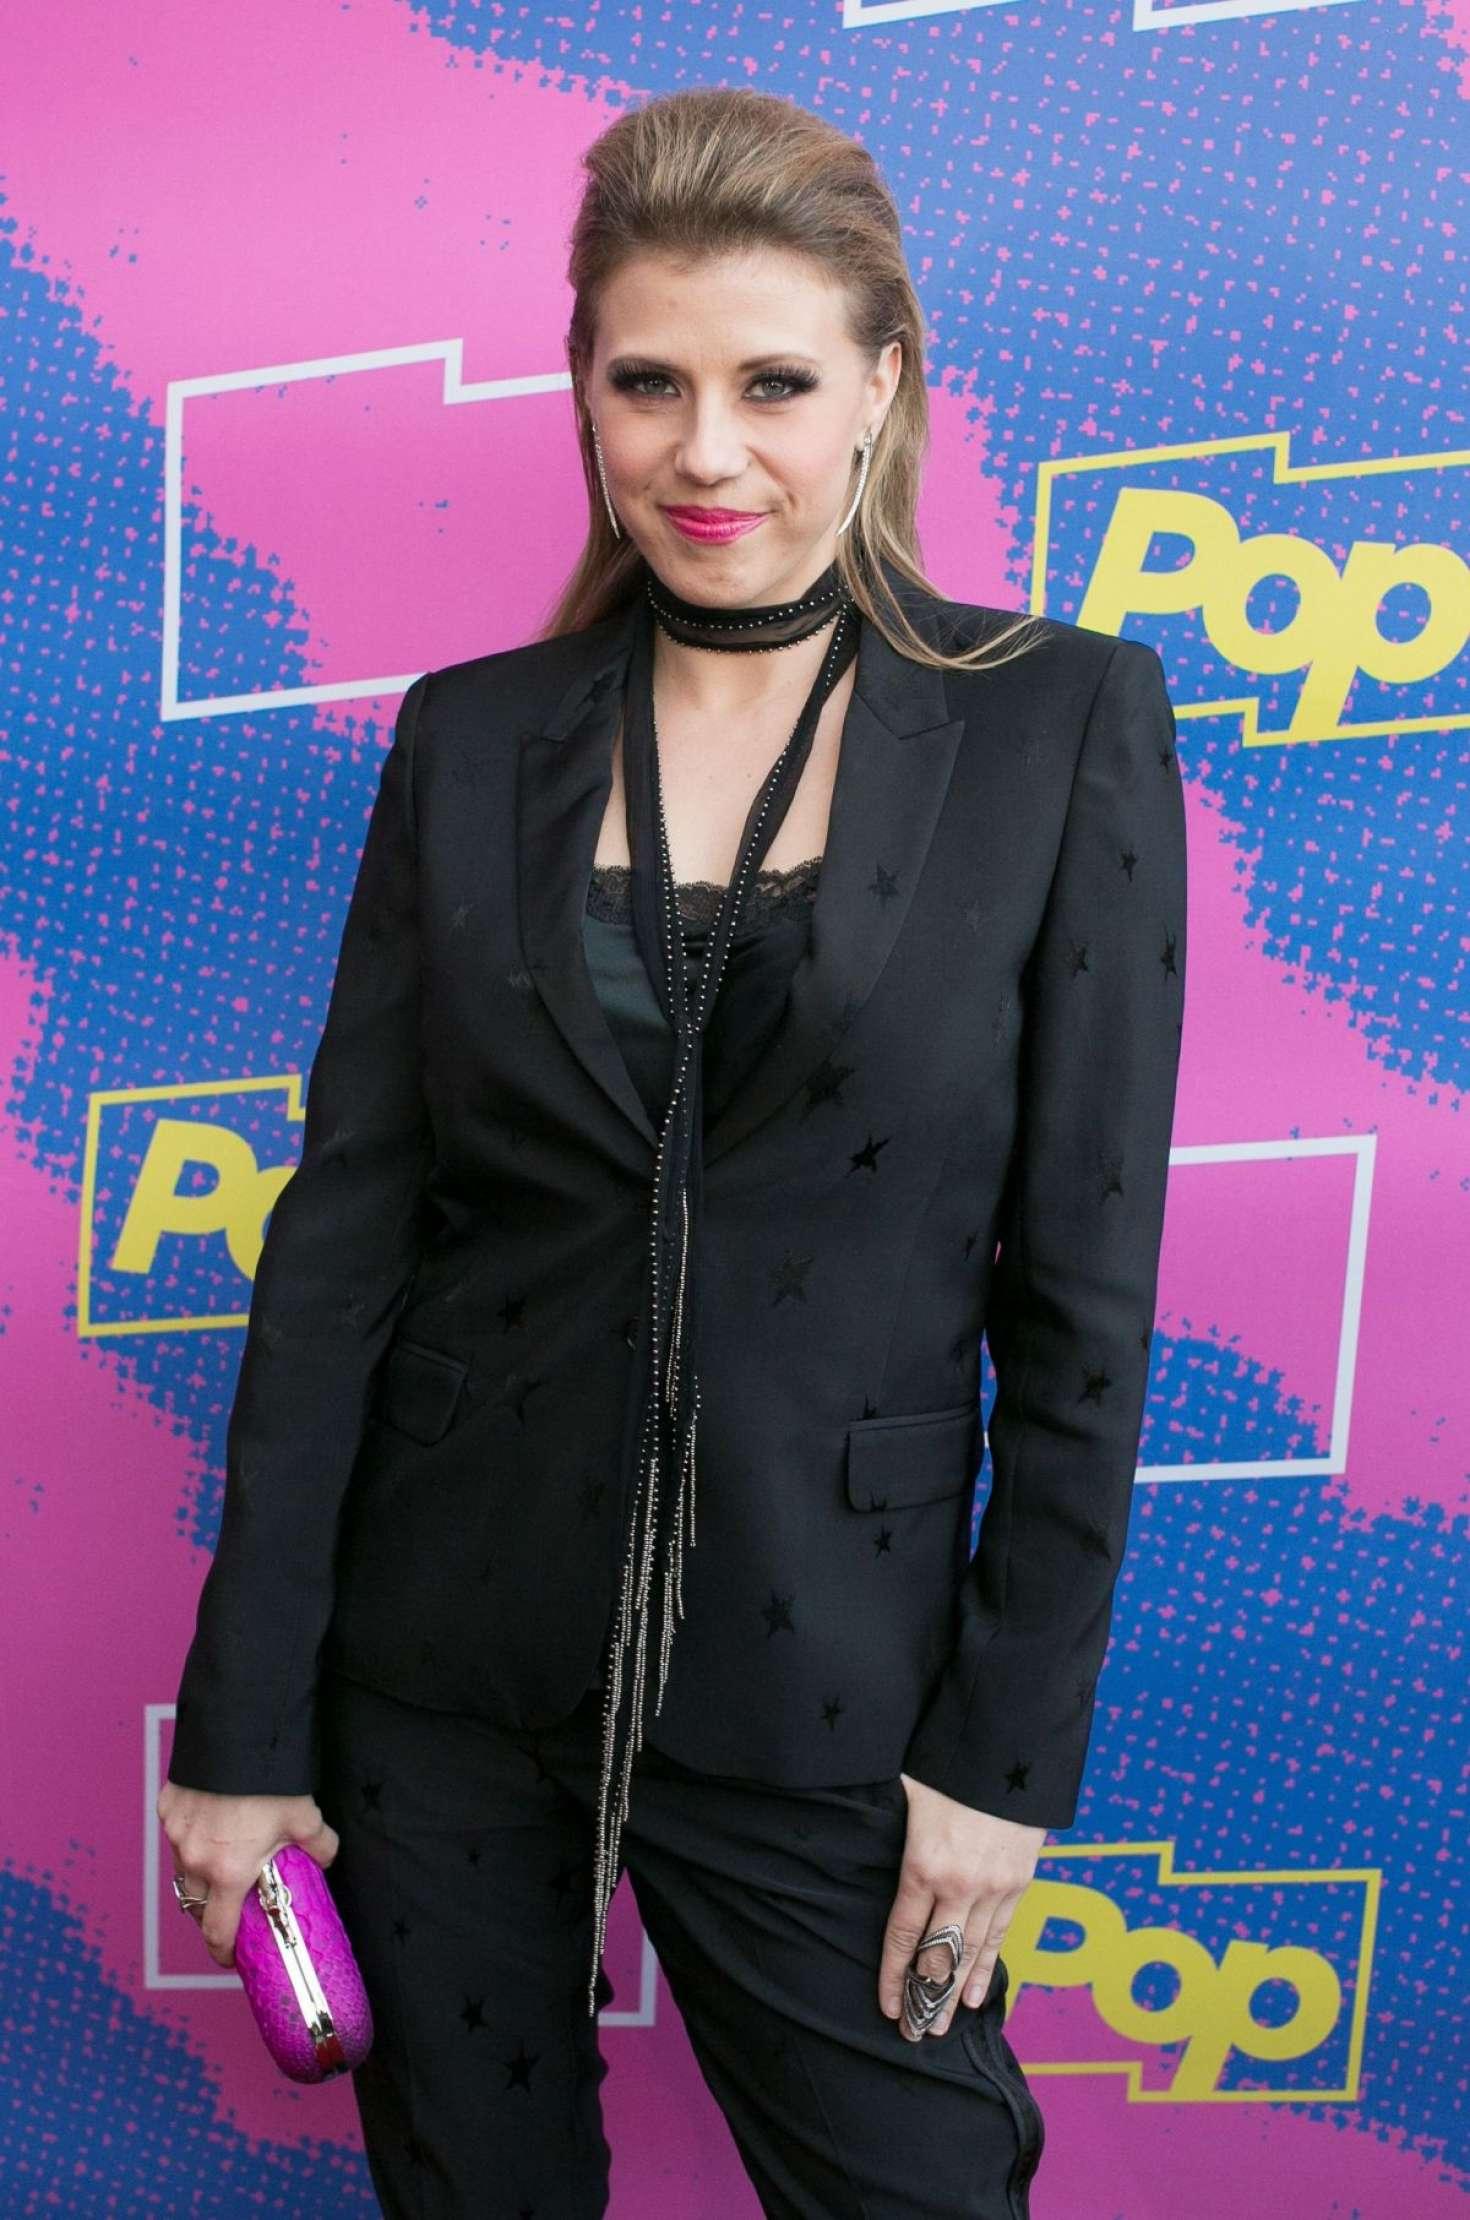 Jodie Sweetin - Hollywood Darlings and Return Of The Mac Premiere in LA